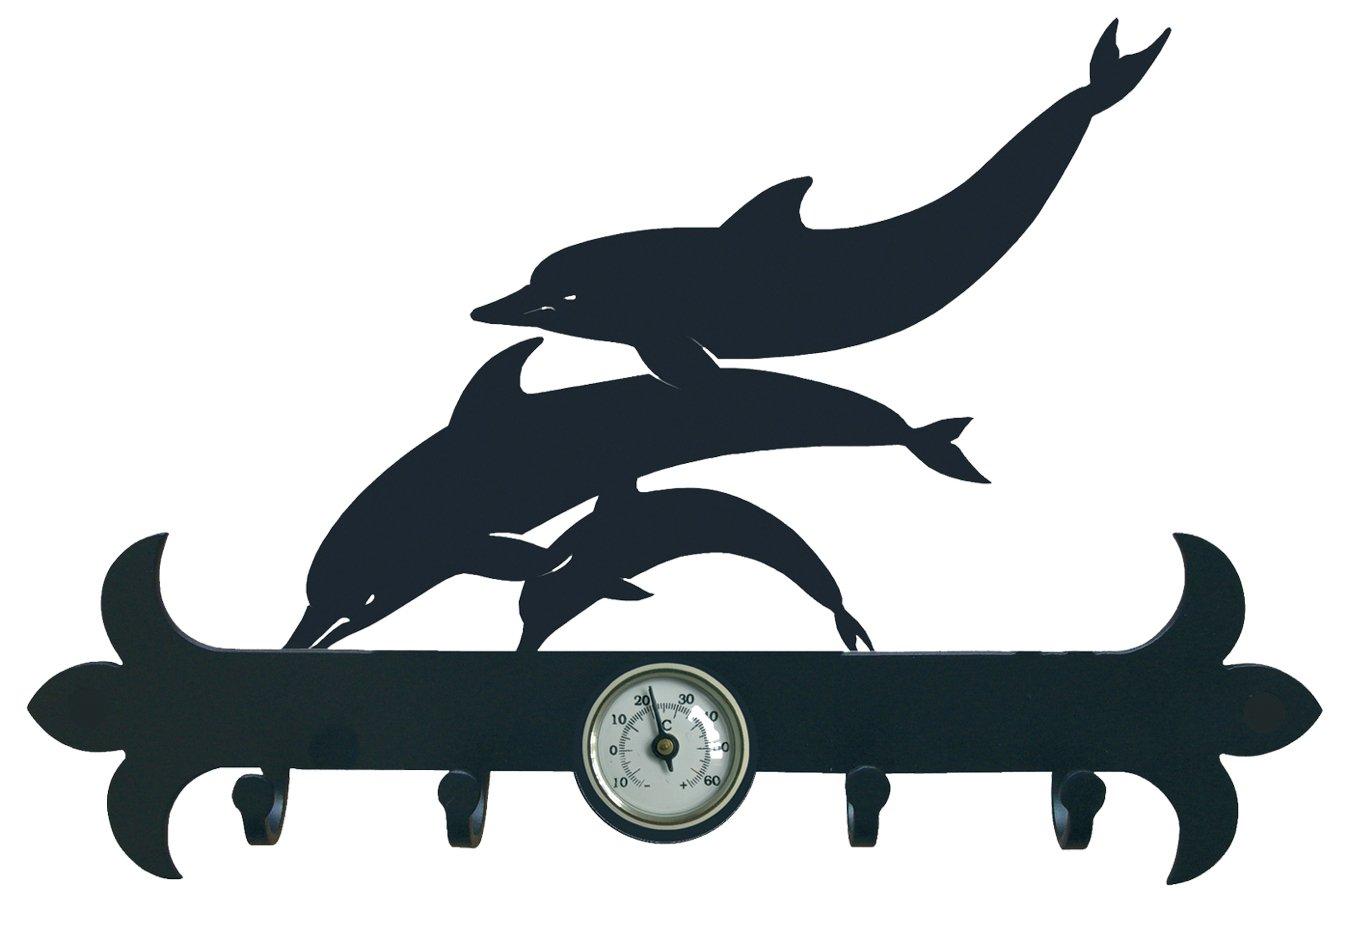 290 mm 2.5x29x19.7 cm IMEX EL ZORRO El Zorro 11629-Colgador de Llaves Delfines Hierro Forjado Negro